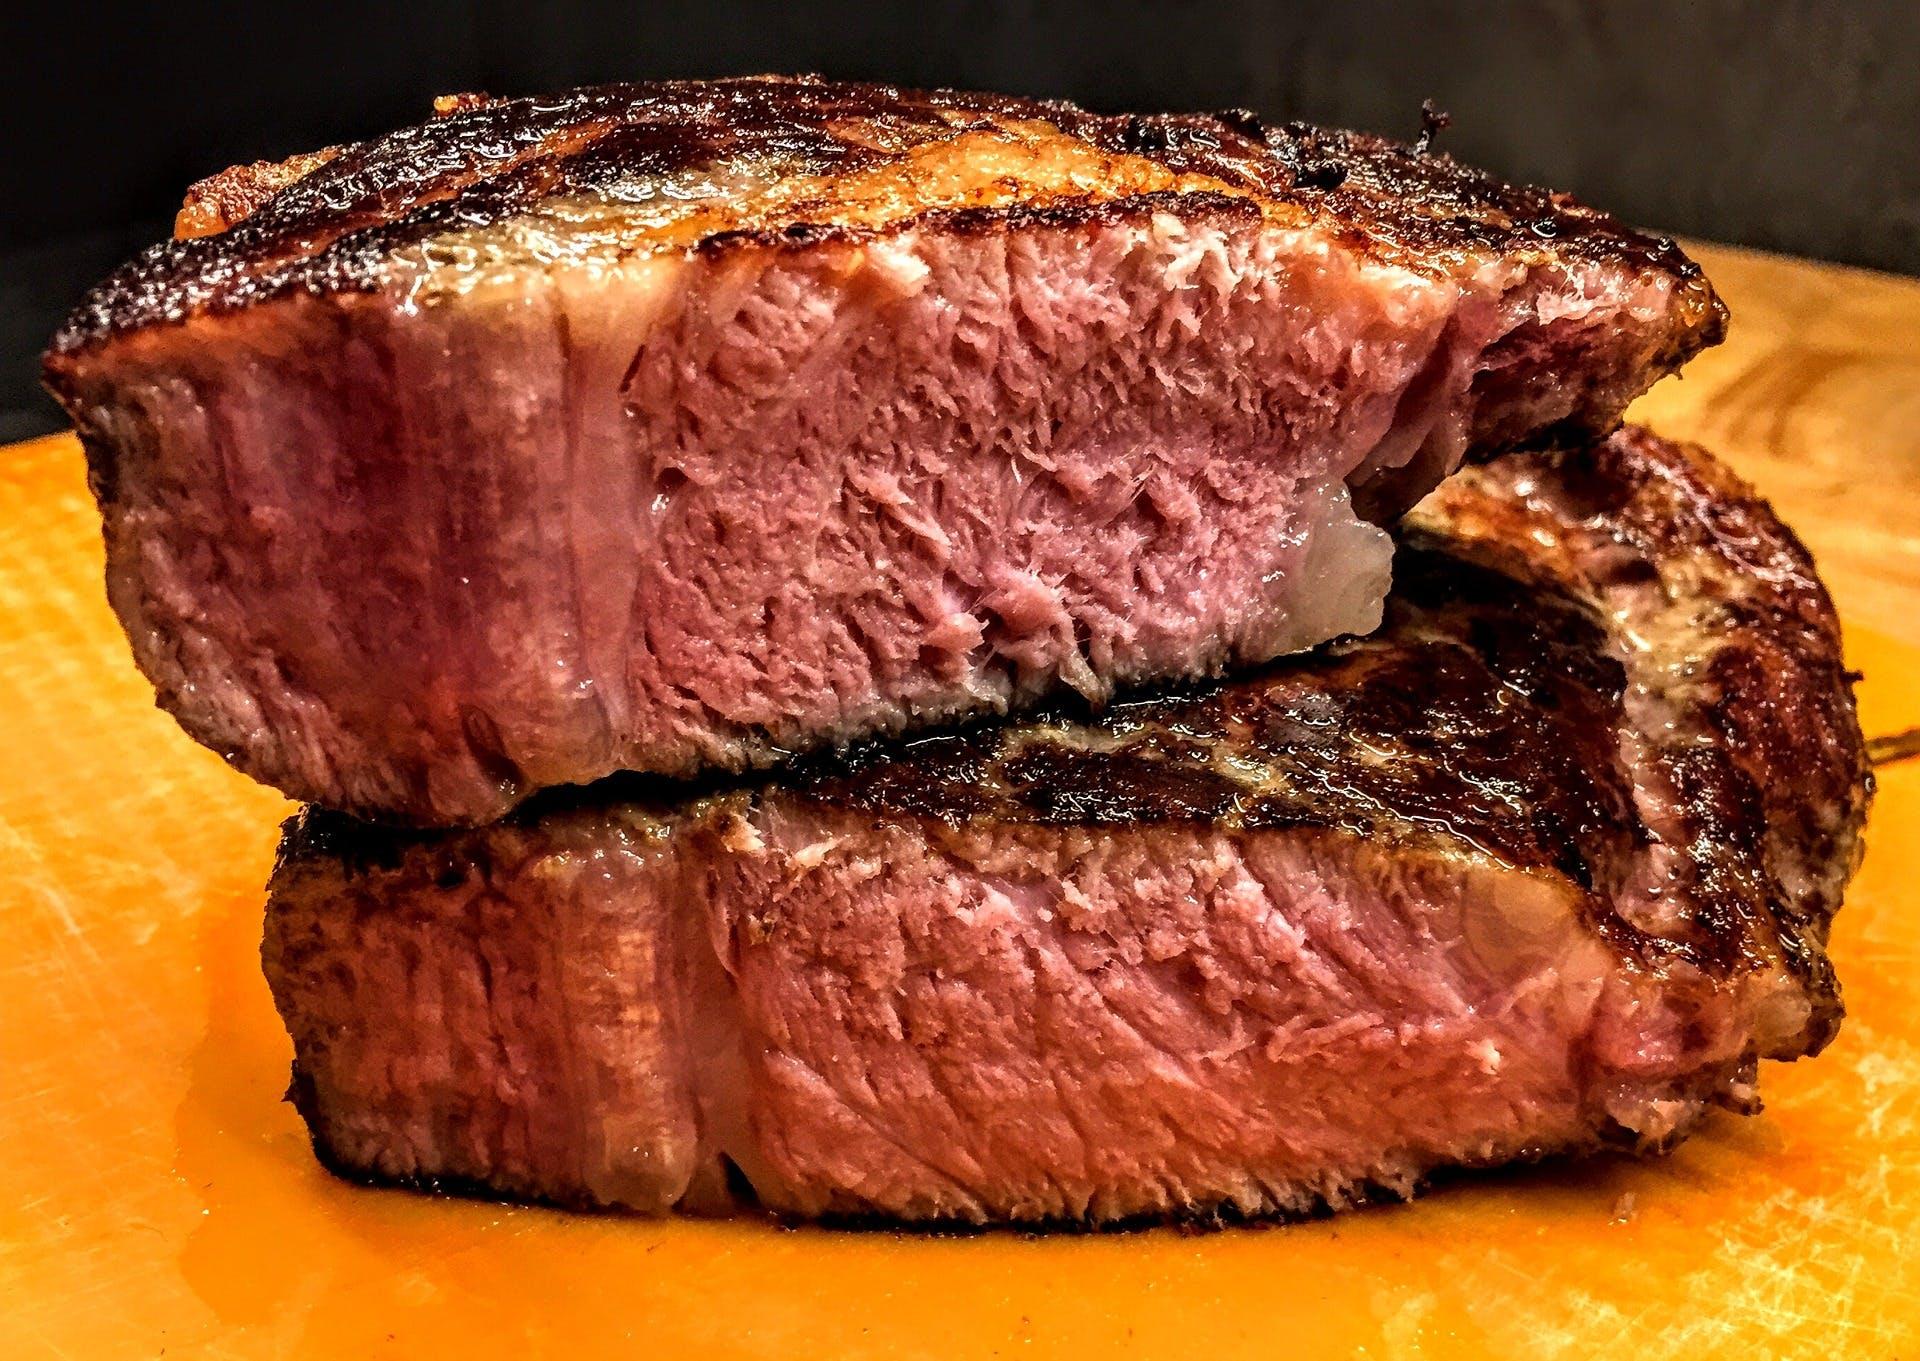 Steak Seasoning and rubs